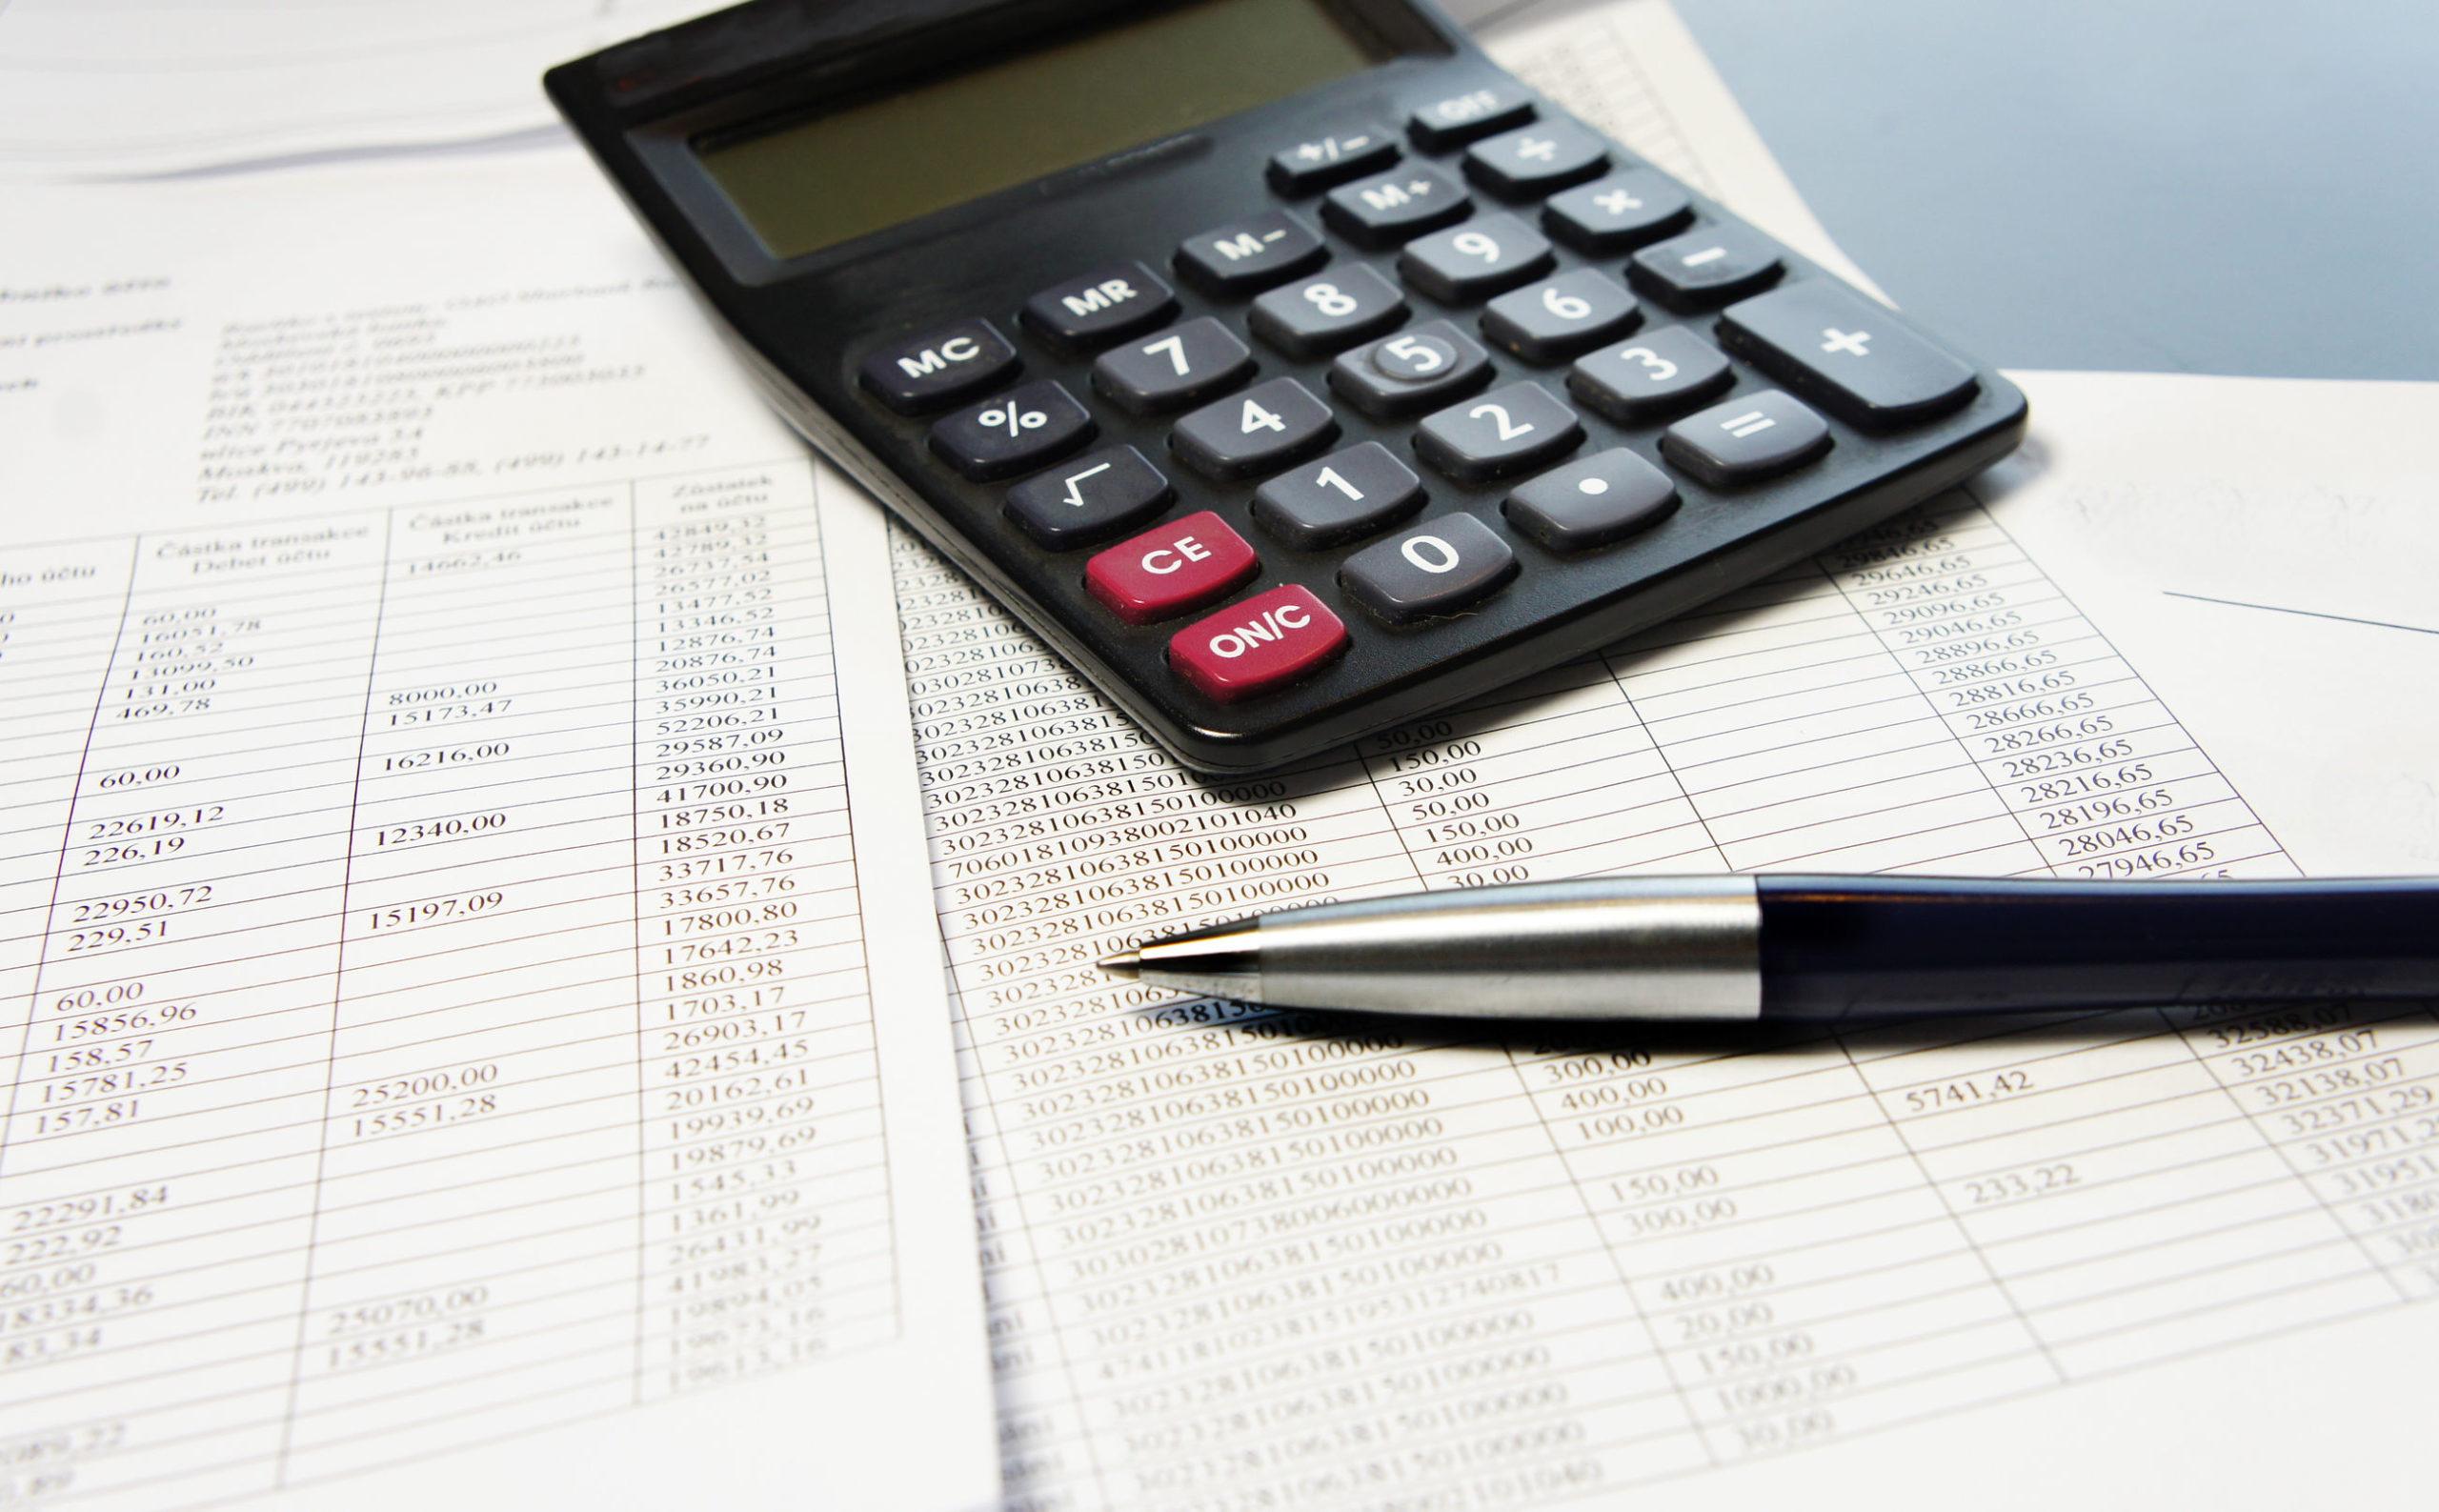 rintraccio completo debitore per recupero crediti